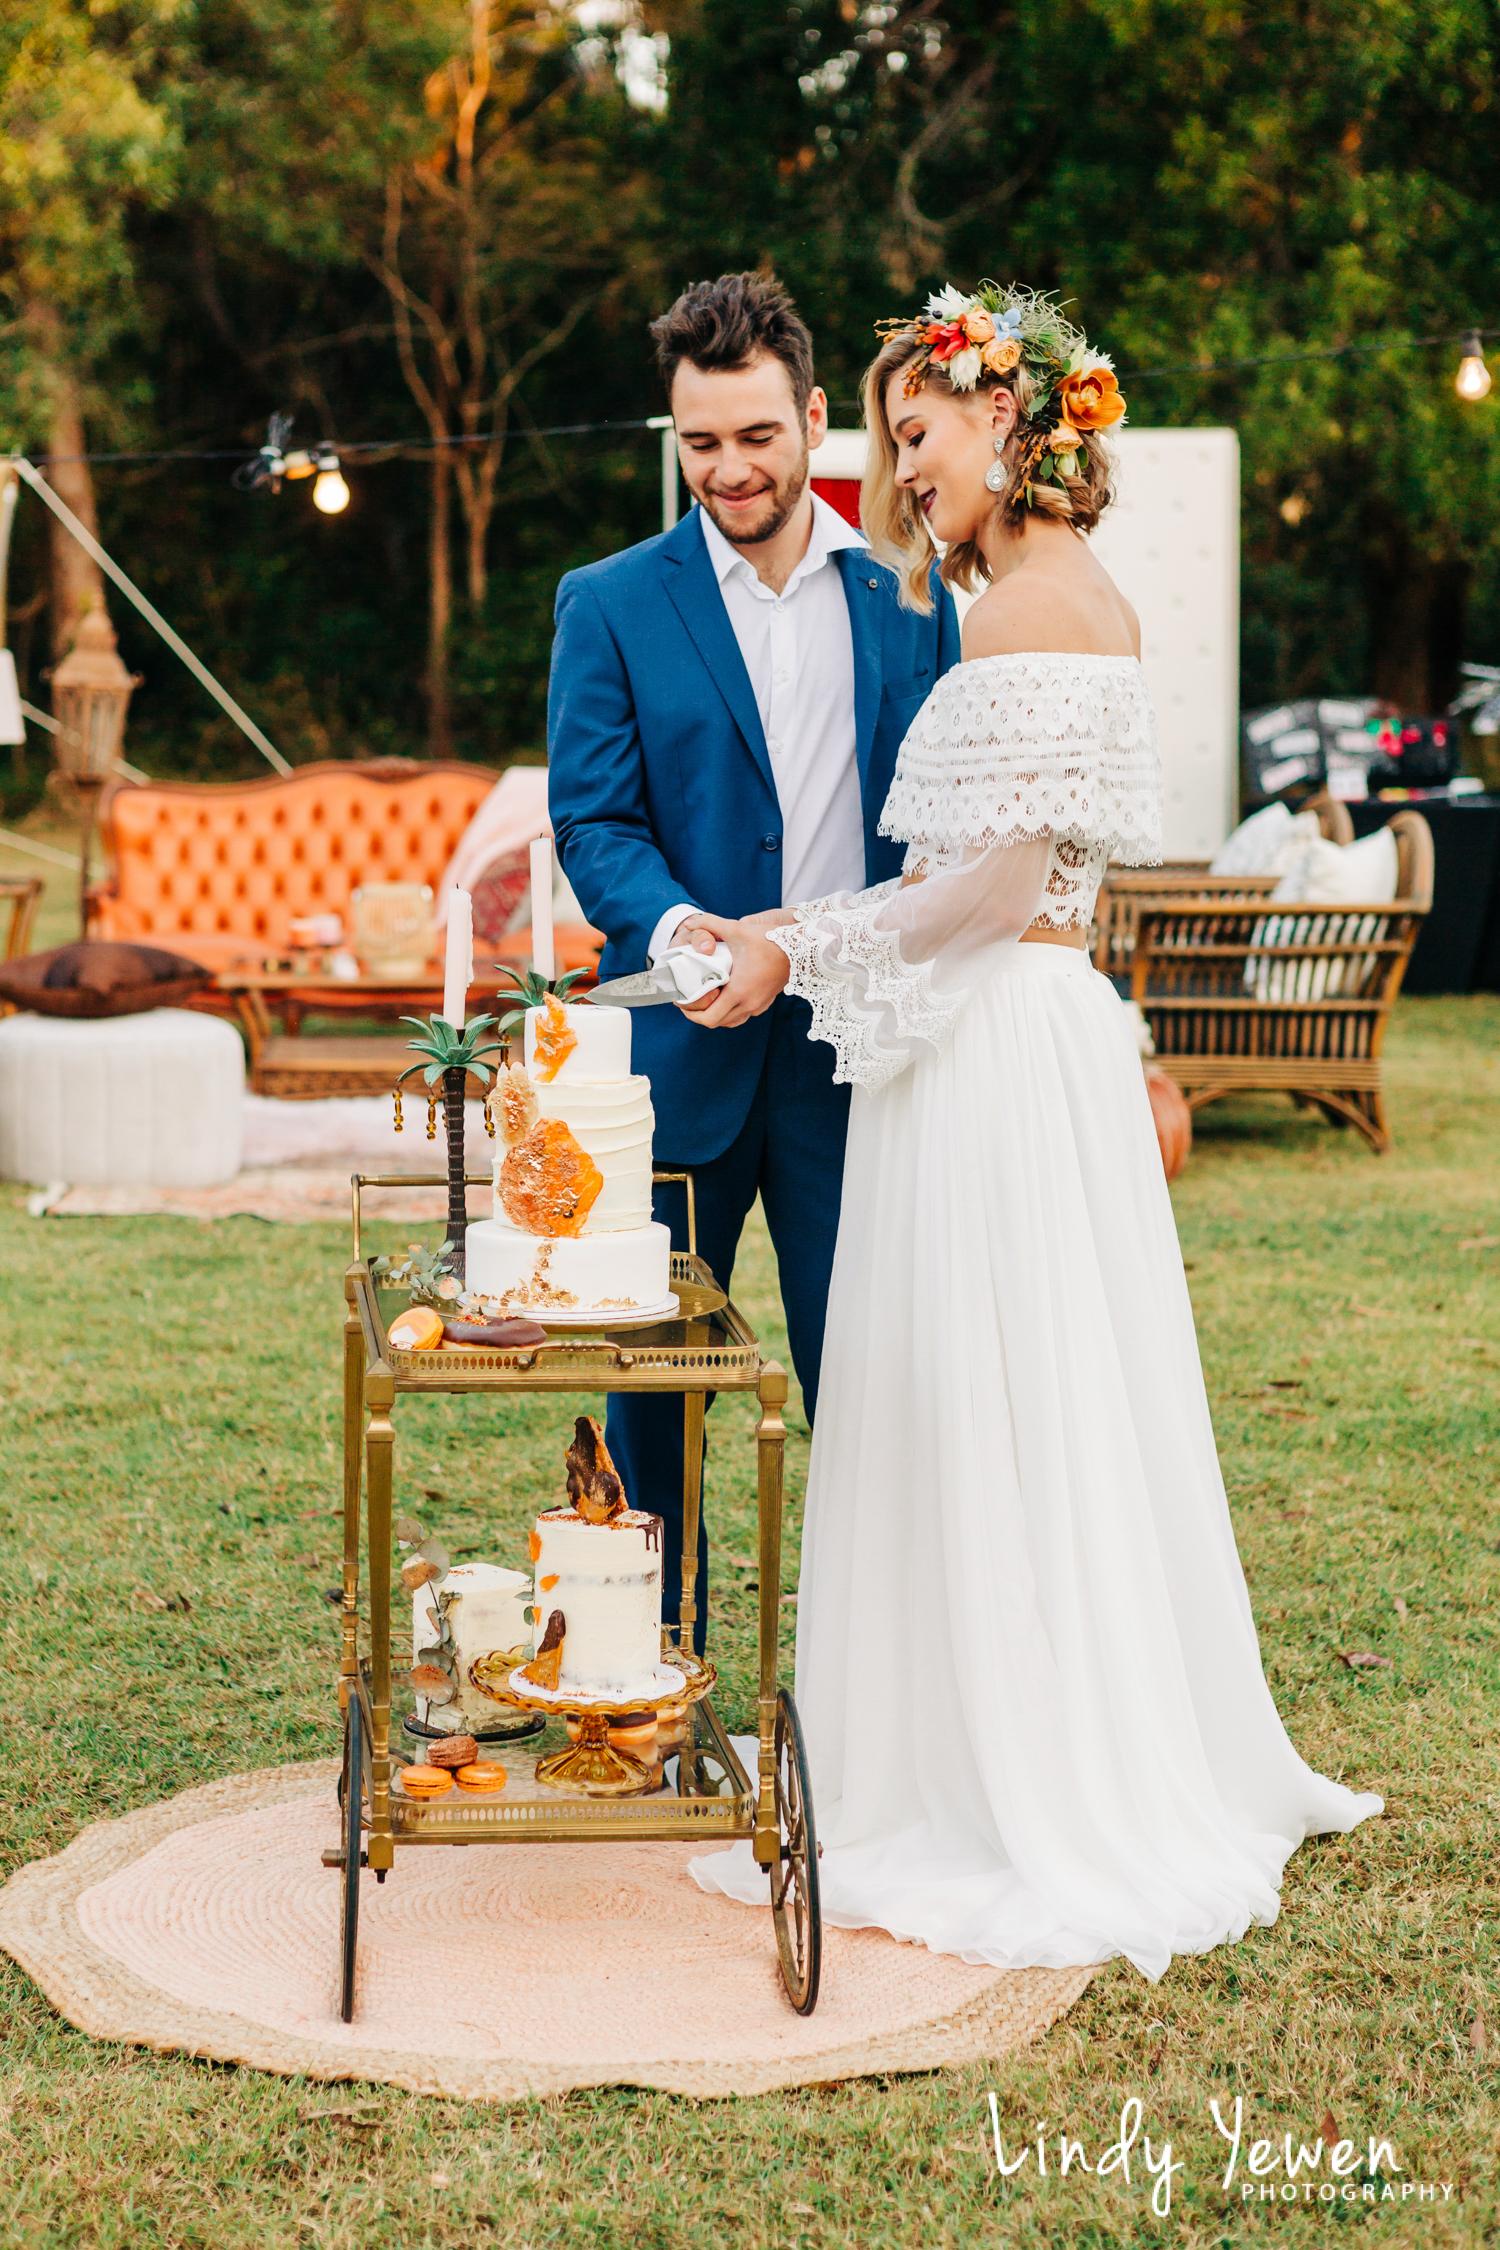 Noosa-Wedding-Photographers-Lindy-Yewen 37.jpg